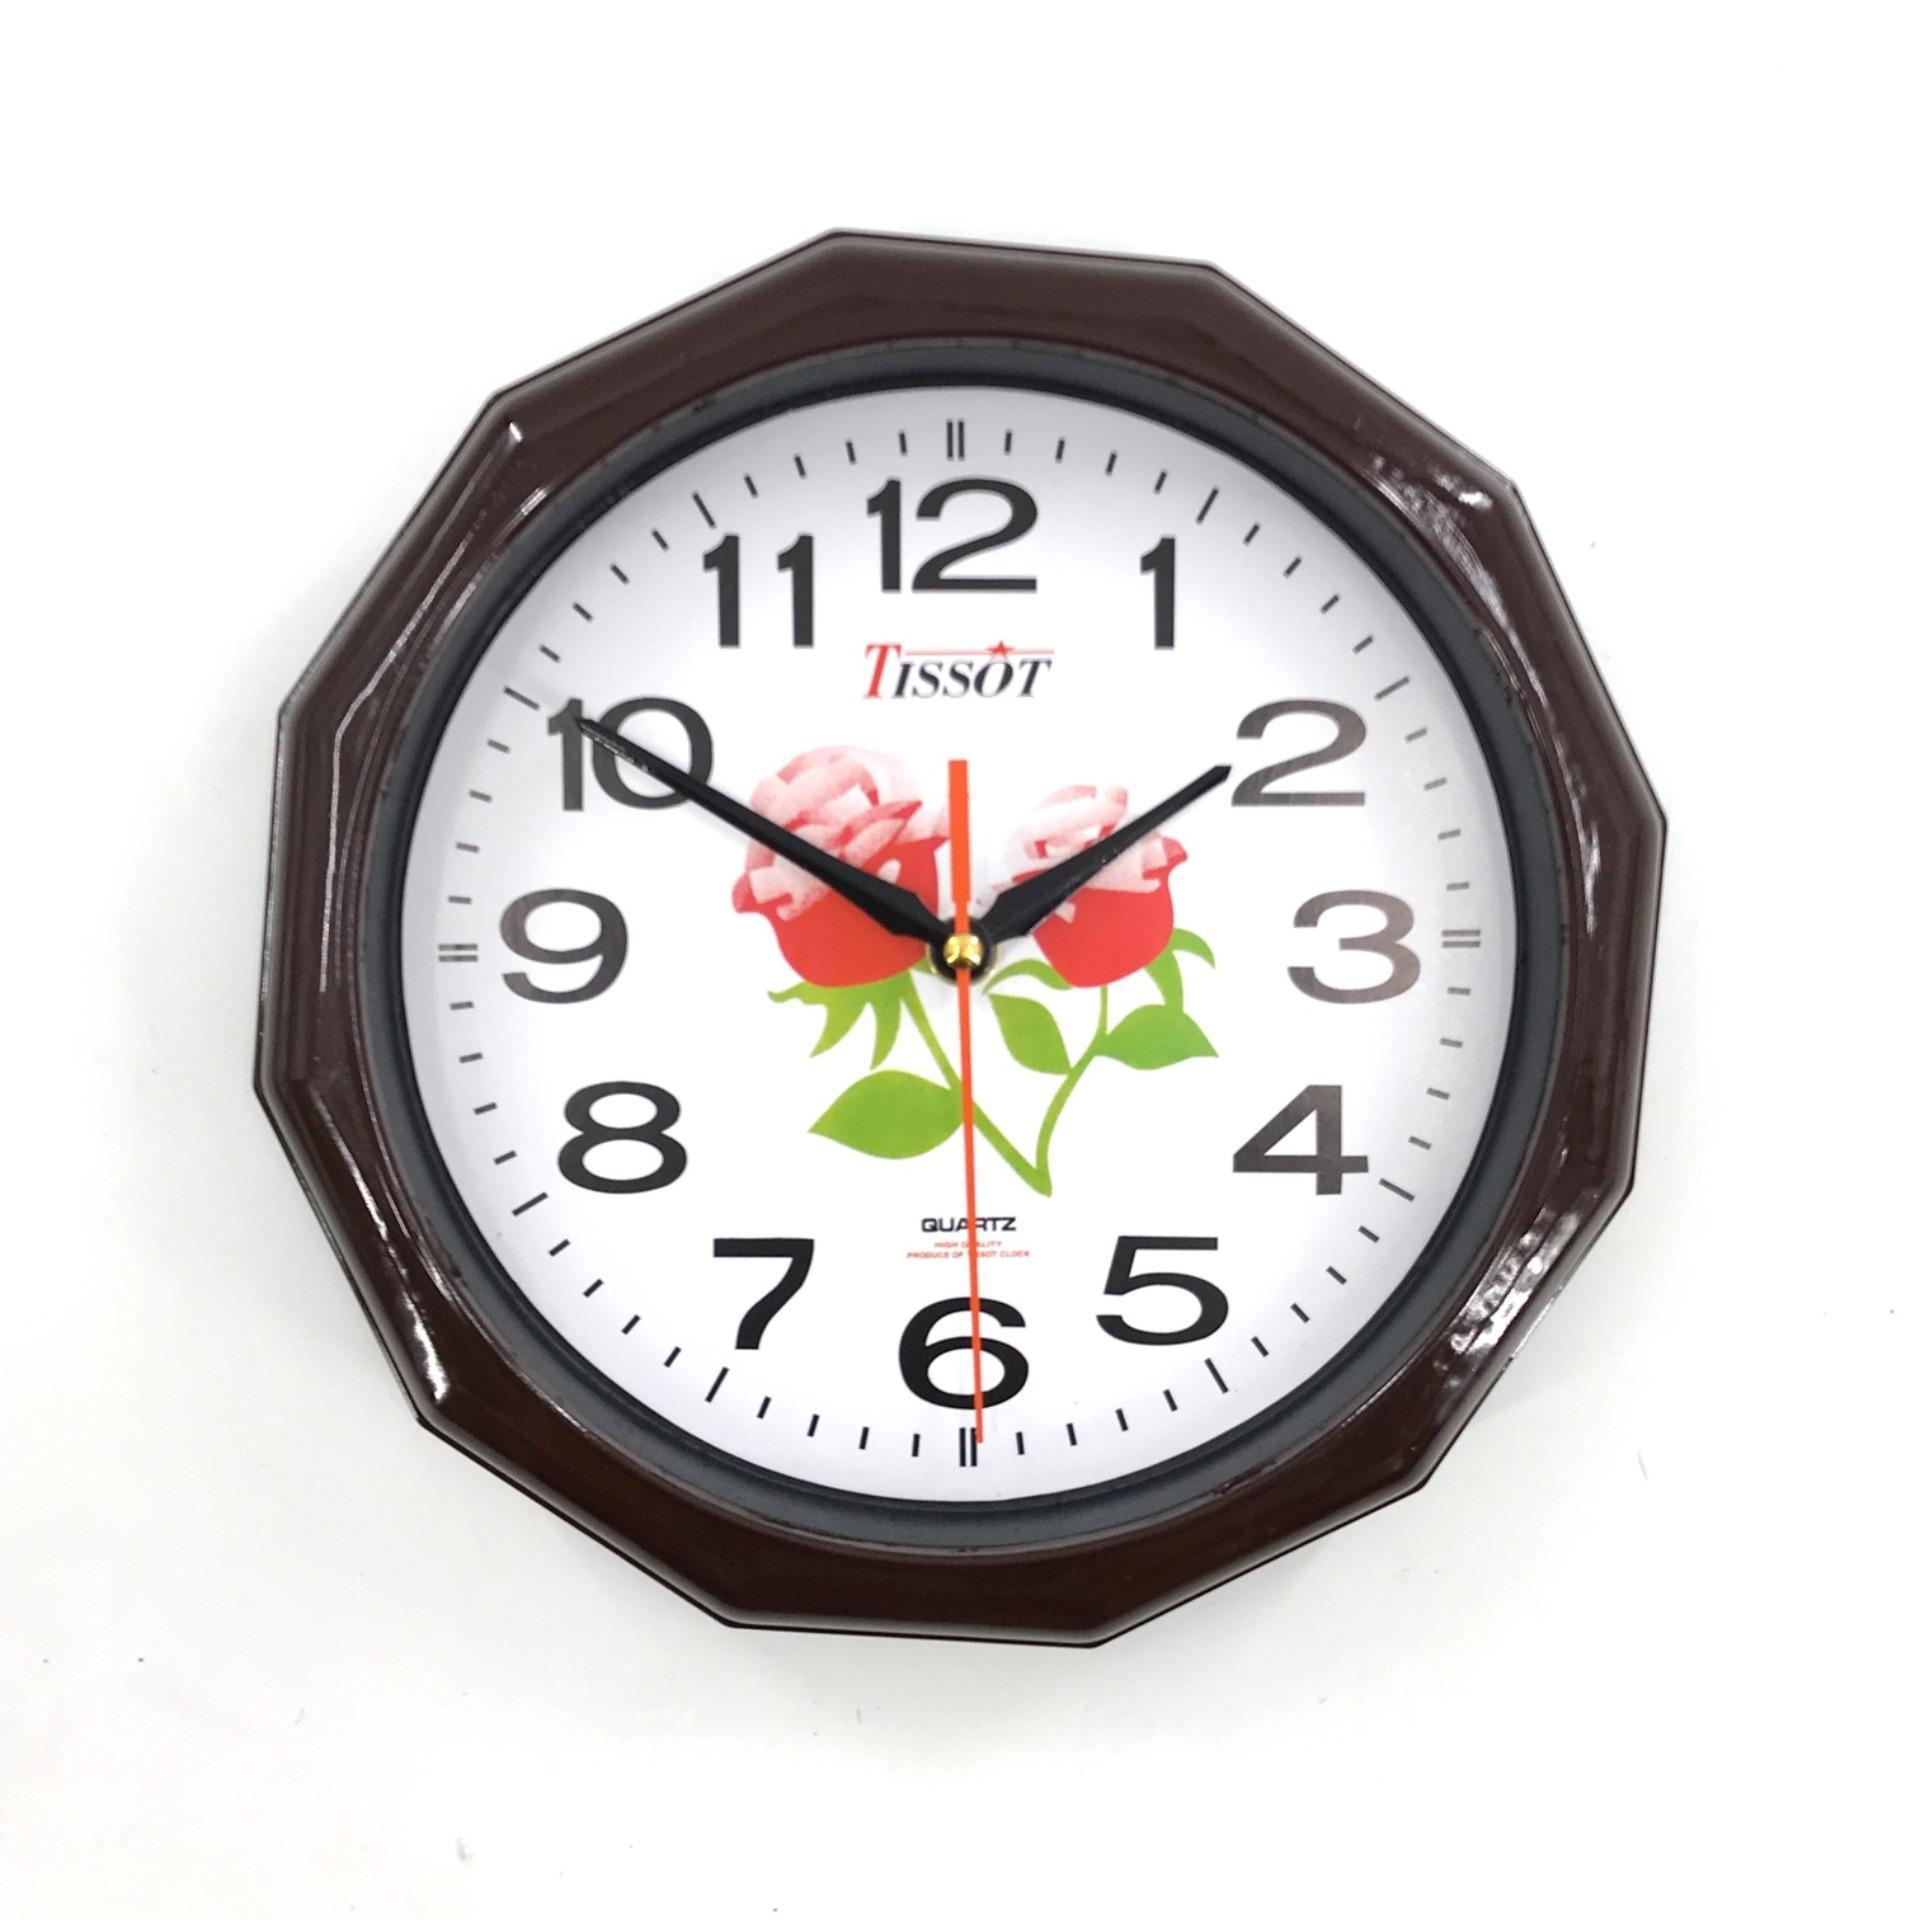 Đồng hồ treo tường hình tròn Vati s2 ( Nâu )-Món quà tuyệt vời dành tặng khách hàng